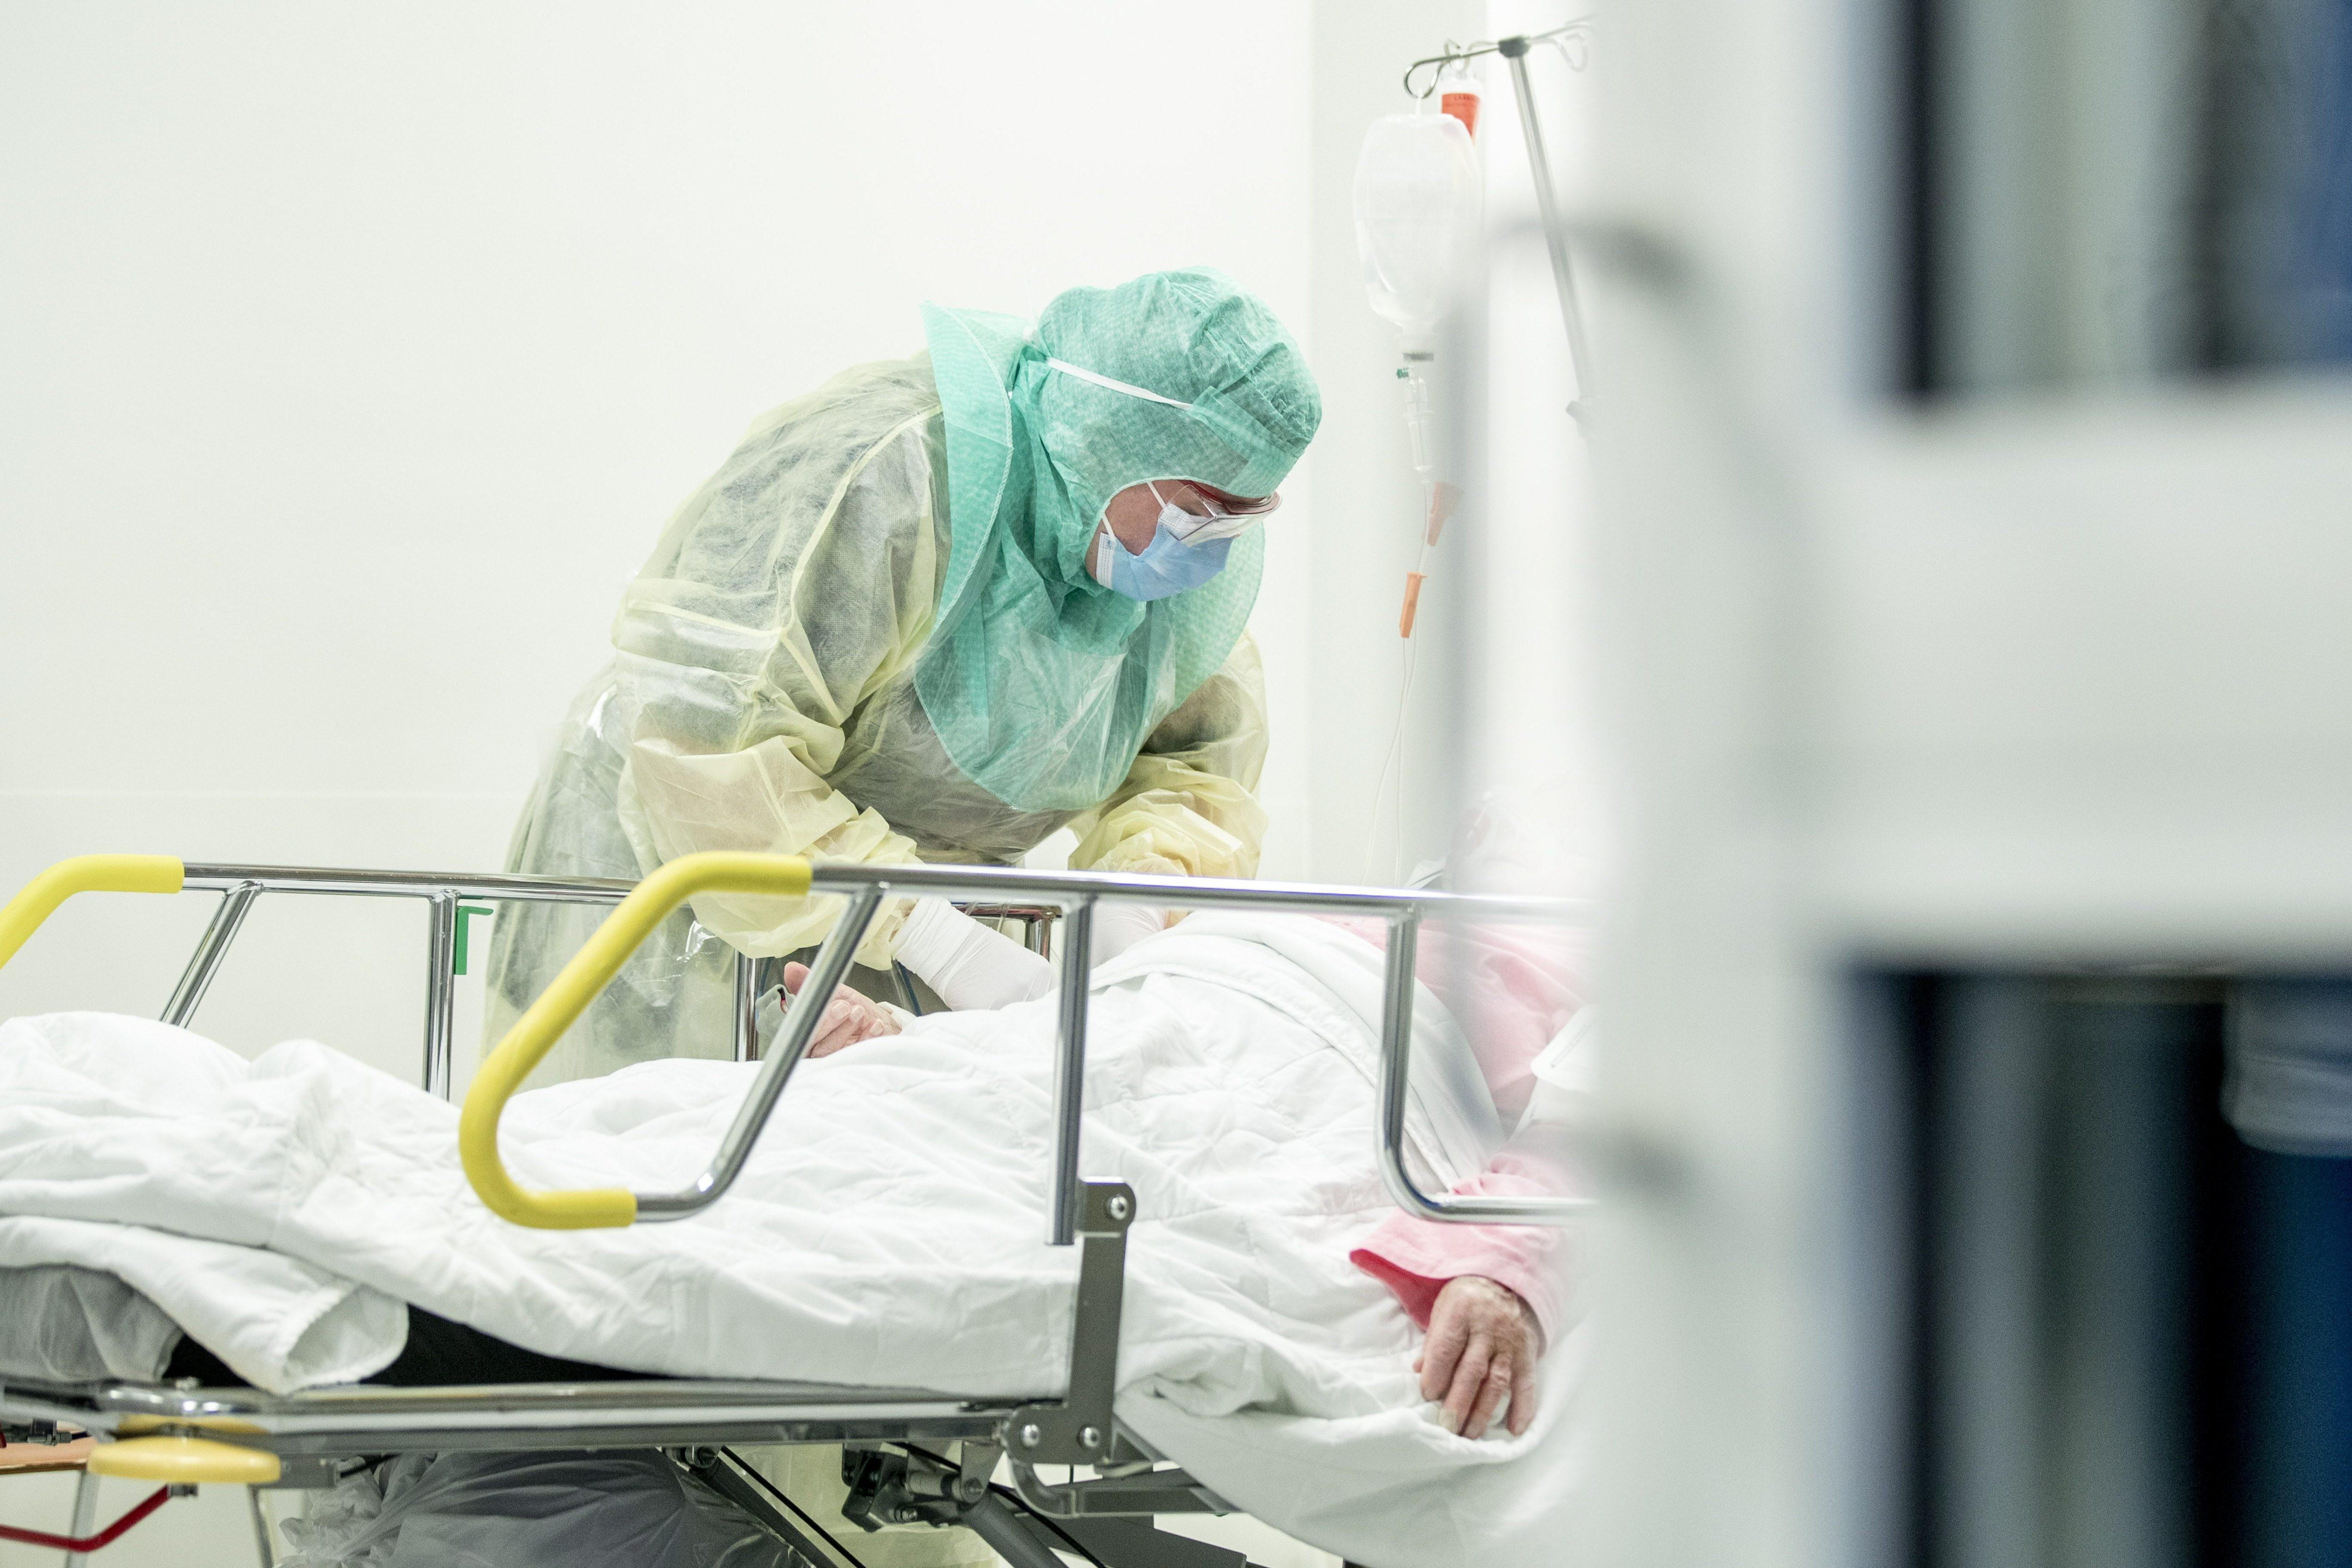 Pico da pandemia: entenda os cenários no Brasil e como o isolamento afeta projeções sobre o coronavírus